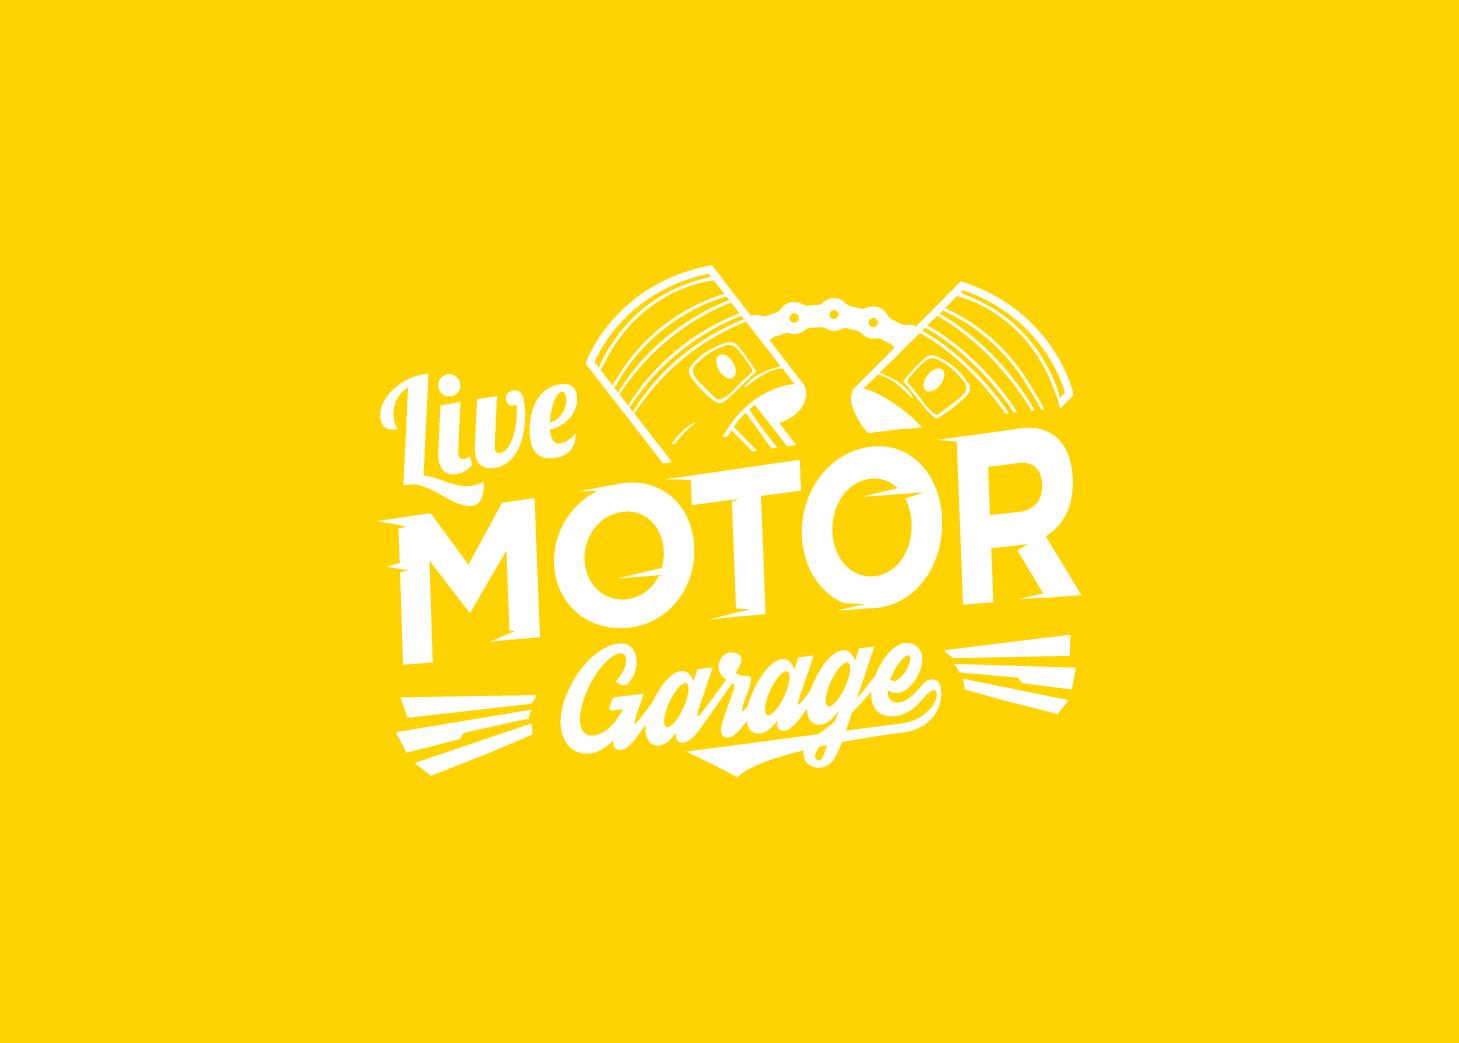 logotipo-live-motor-garage